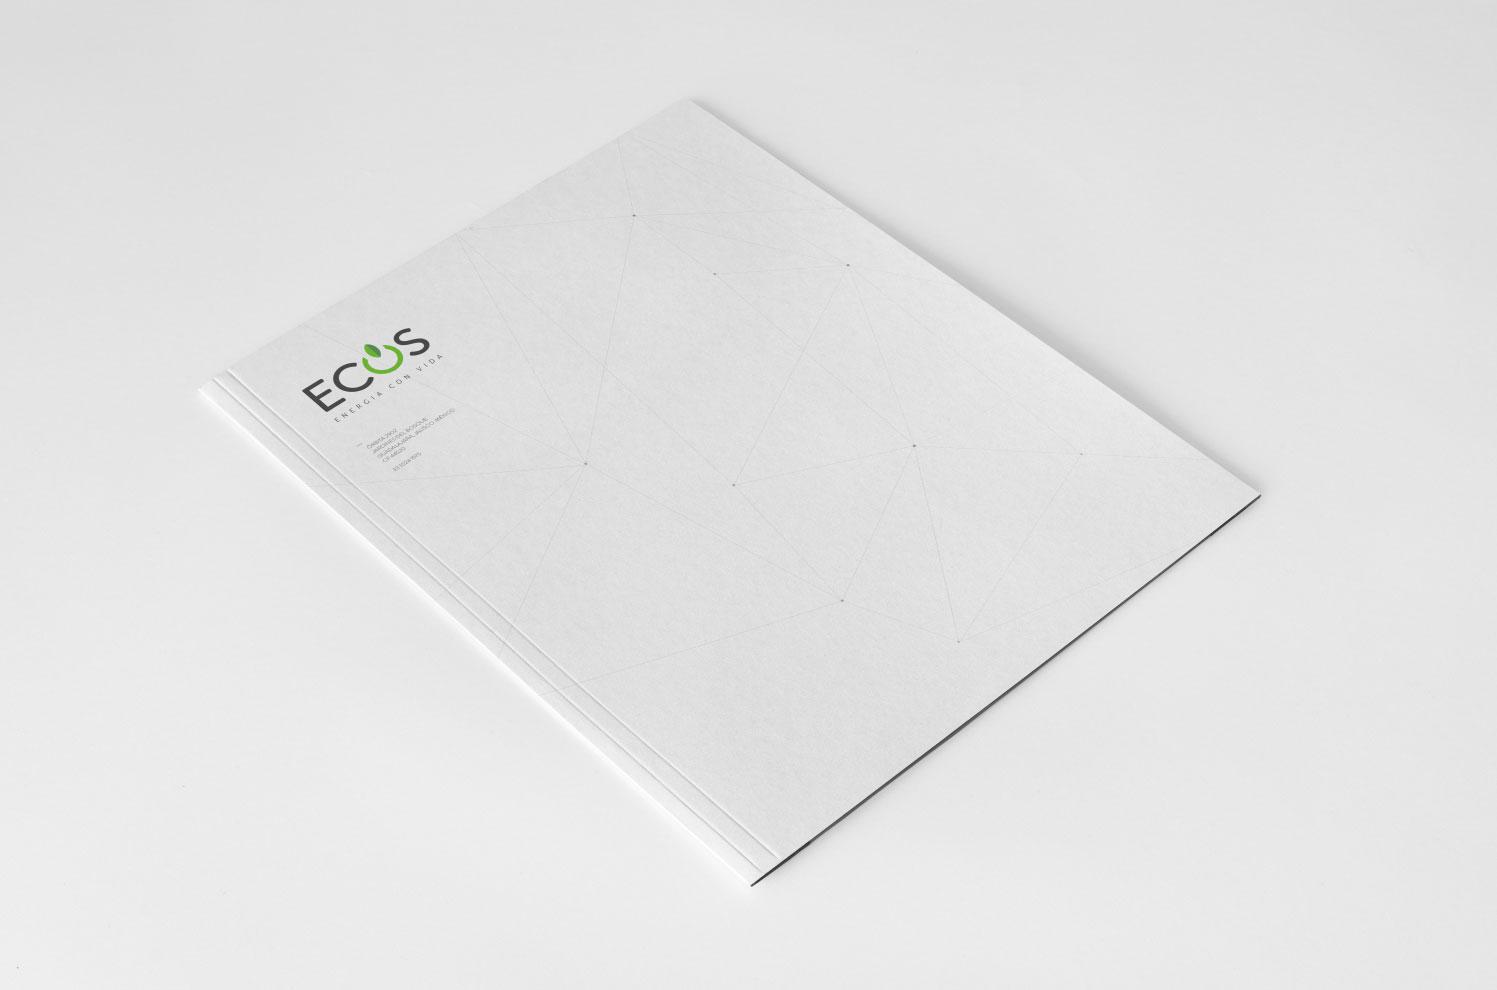 Ecos-7